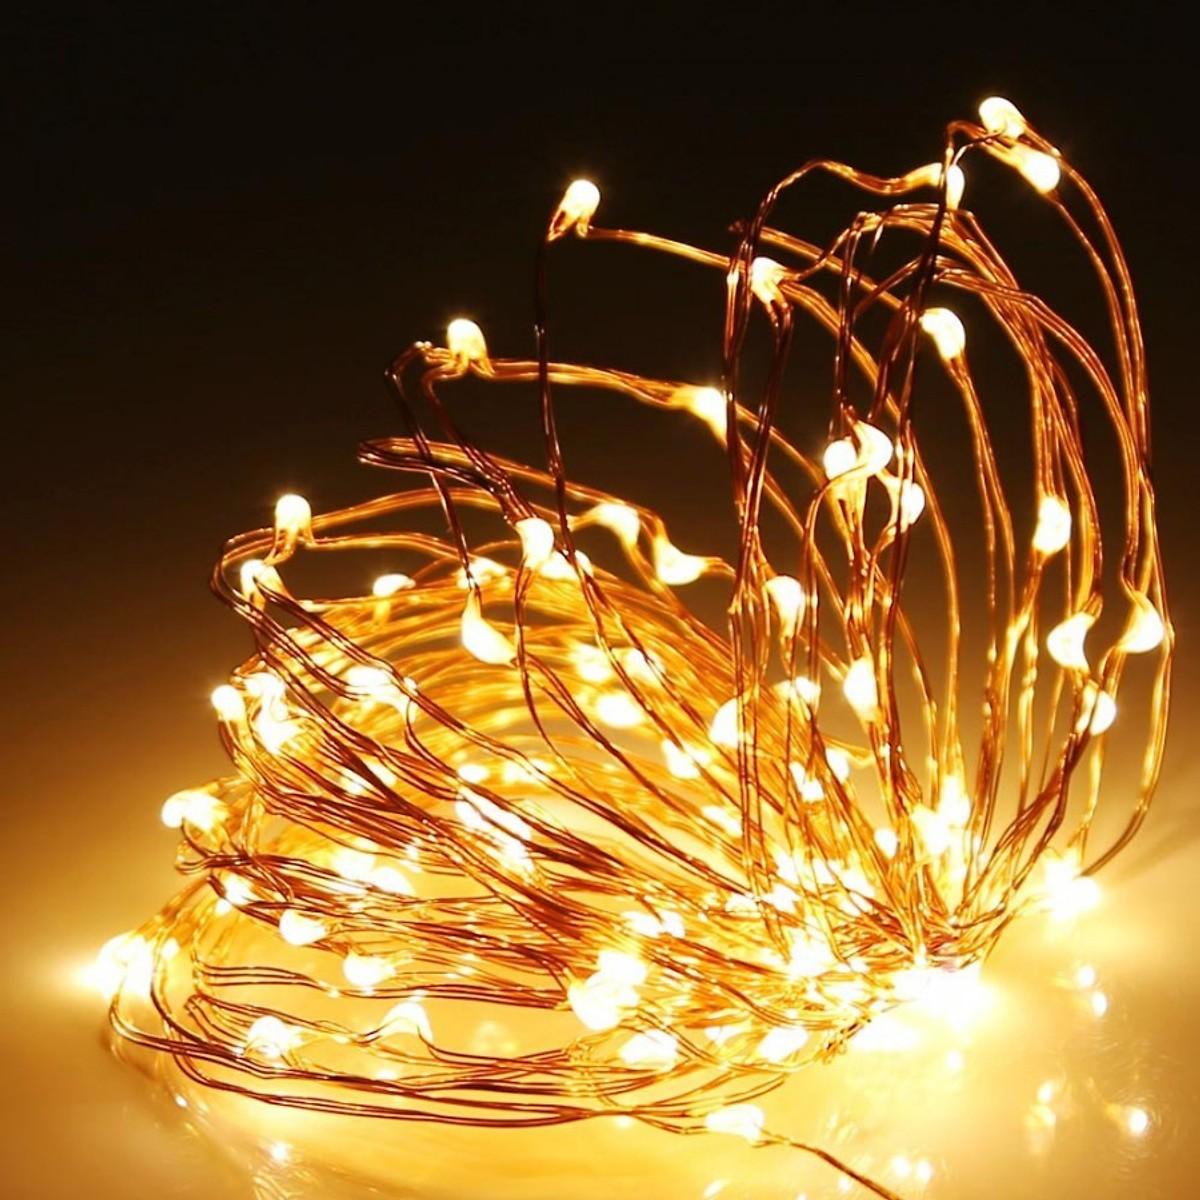 Dây Đèn Nháy LED Đom Đóm Trang Trí 2M/5M/10M Vàng Nắng/Nhiều Màu Cao Cấp - Nguồn điện Pin AAA - Dây Bóng Đèn Trang Trí Noel Lễ Tết Bền, Đẹp, Tinh Tế, Sang Trọng - Chính Hãng Vinbuy